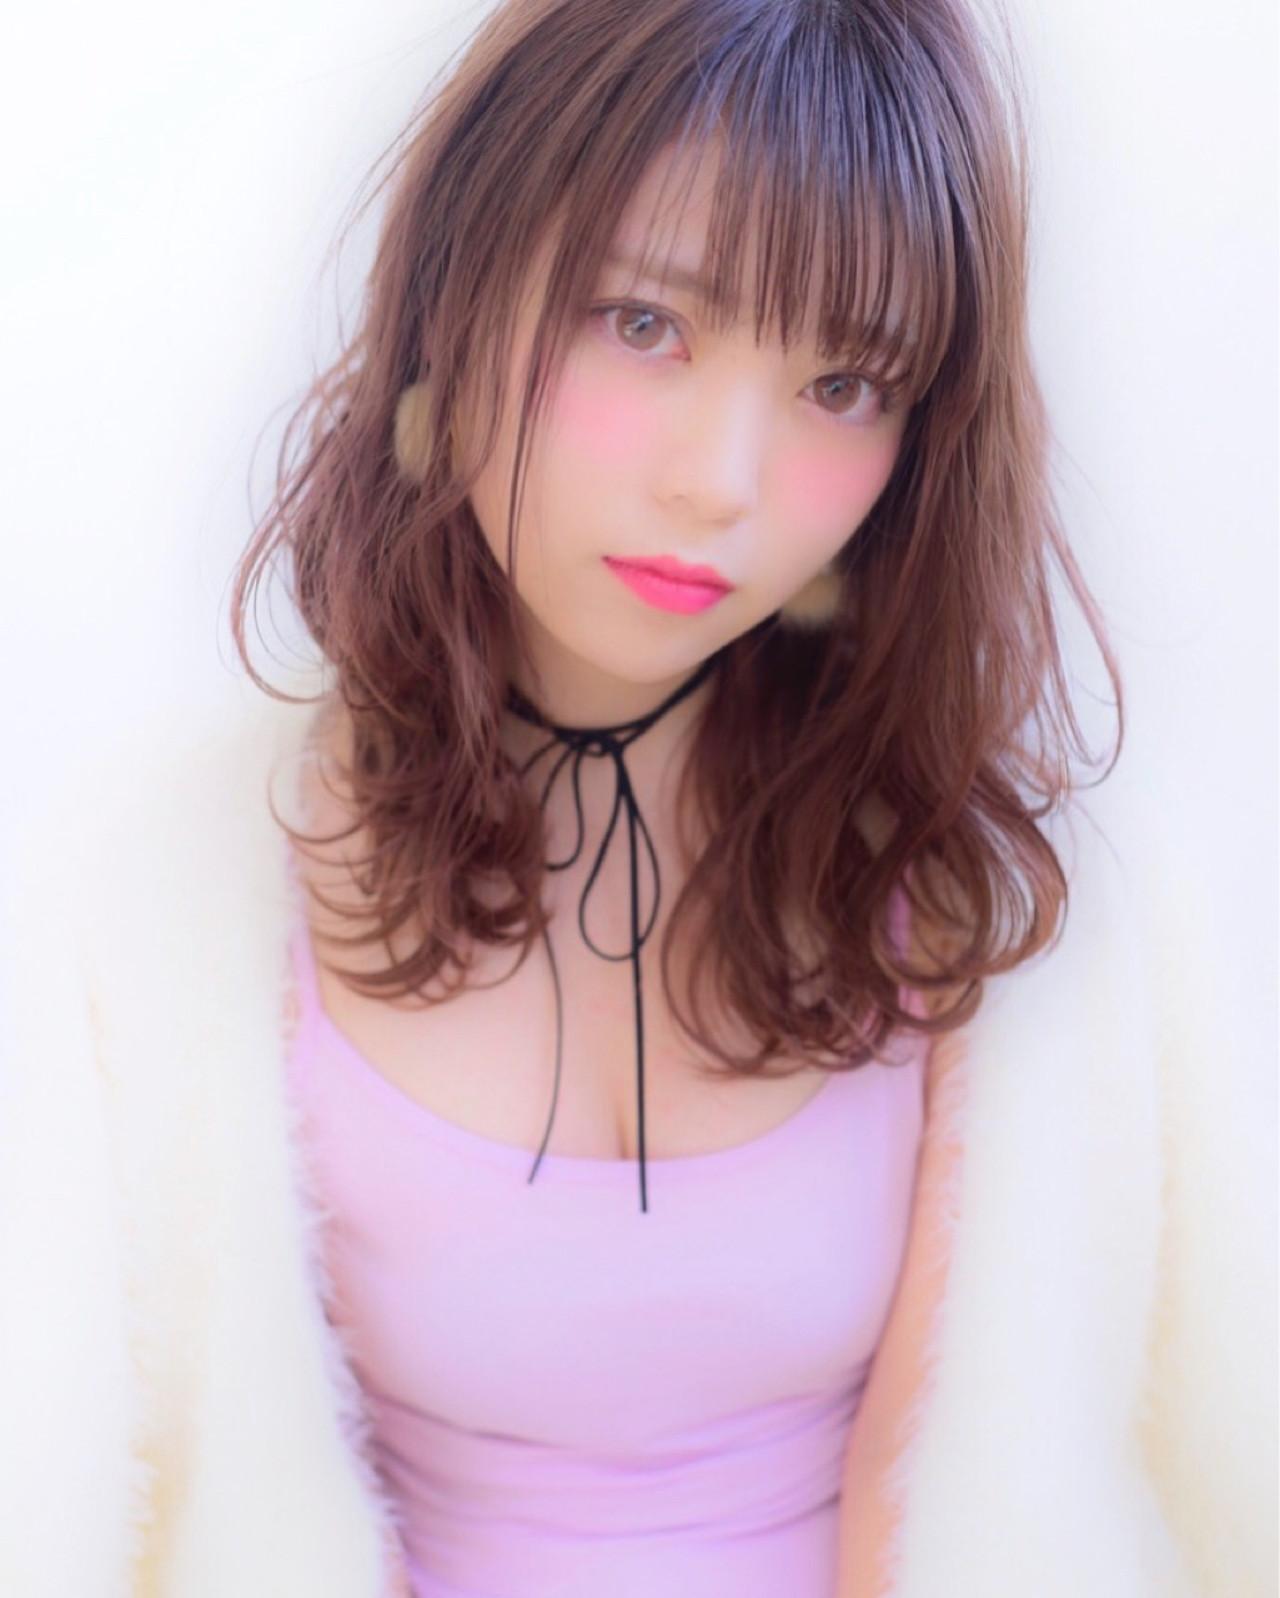 ミディアム 外国人風 ガーリー 色気 ヘアスタイルや髪型の写真・画像